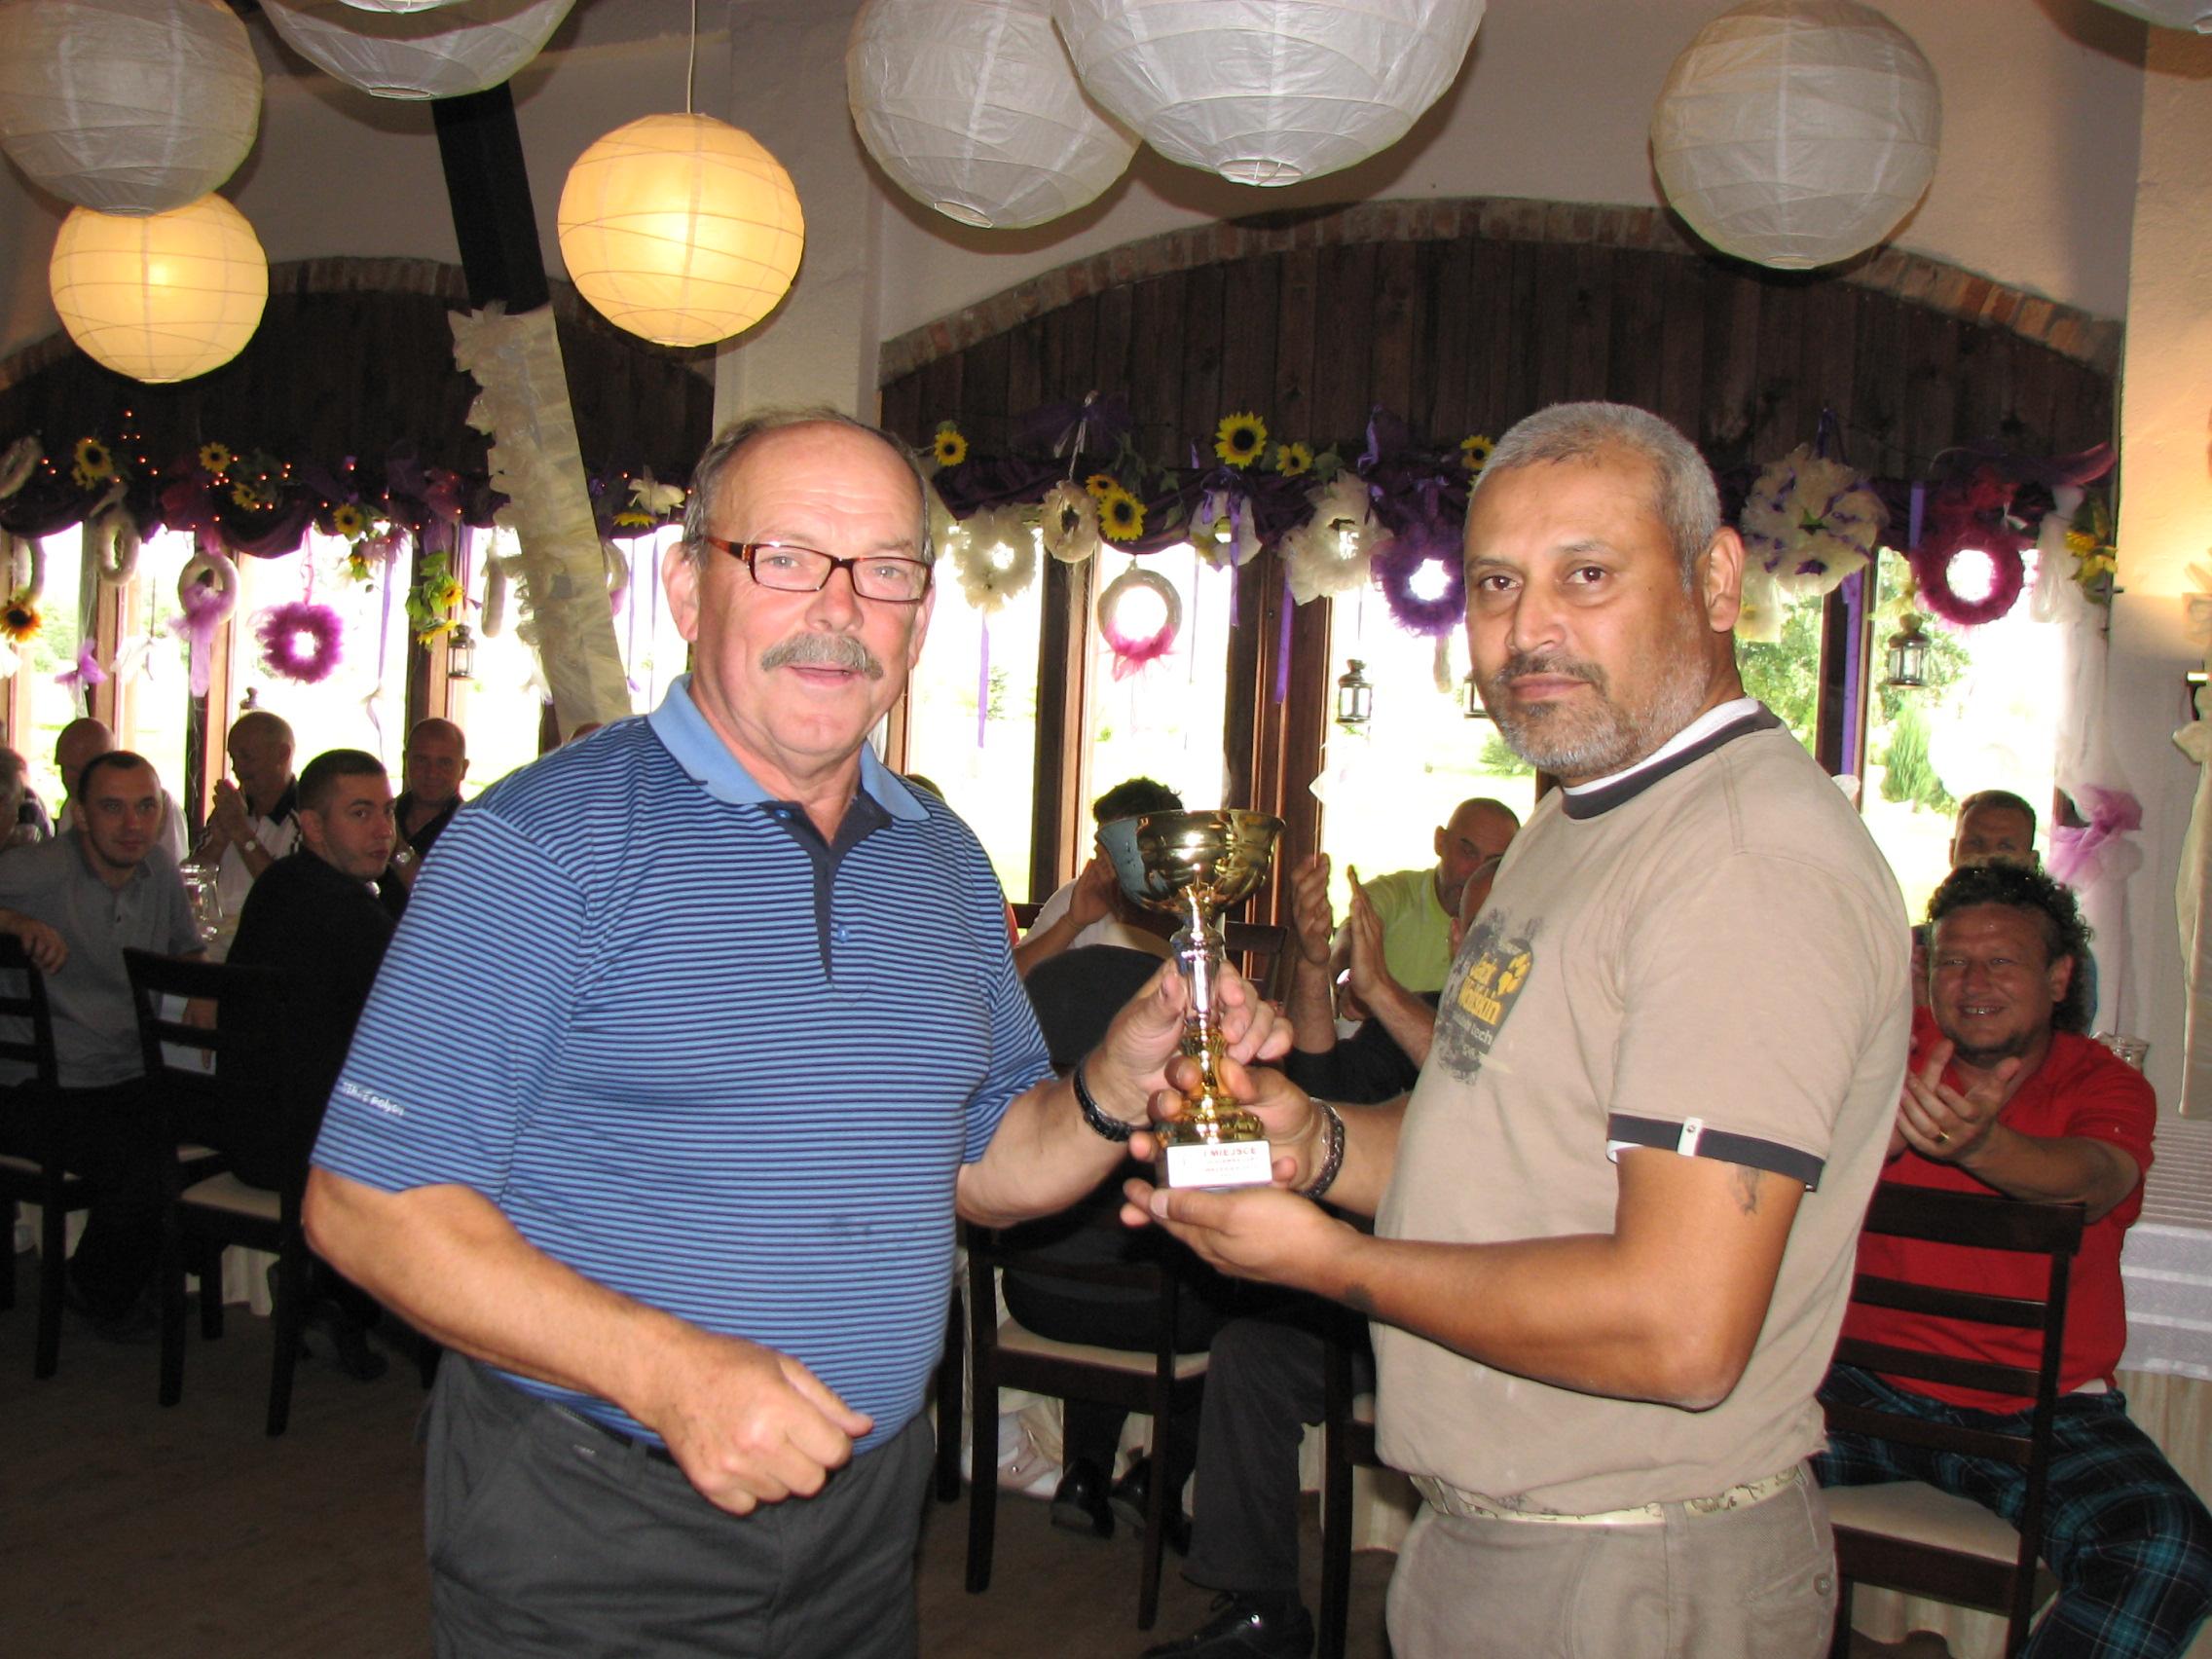 """Na wrześniowym turnieju z cyklu Olszewka Cup Darri Bohra wyrównał rekord pola ustanowiony przez Adama Pawlonkę – do pokonania osiemnastu dołków wystarczyło mu 58 uderzeń. <a href=""""http://golf-olszewka.pl/wp-content/uploads/2011/09/img_4215.jpg""""></a>"""